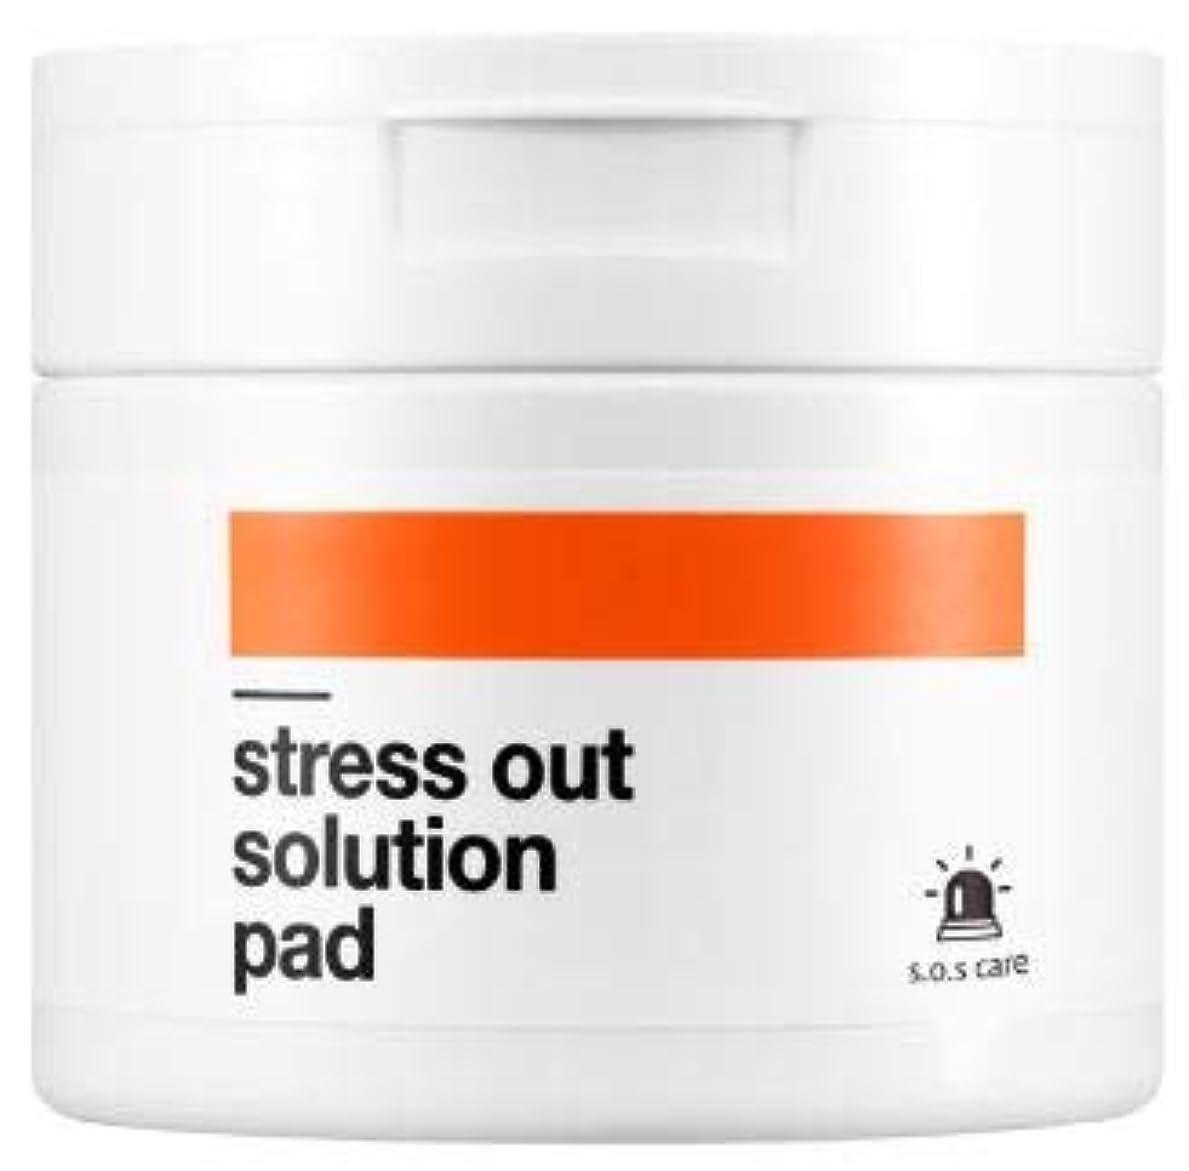 タイピスト生裏切り者[BELLAMONSTER]? Stress out solution pad #carrot / [ベラモンスター] ストレスアウト ソリューションパッド#ニンジンパッド [並行輸入品]